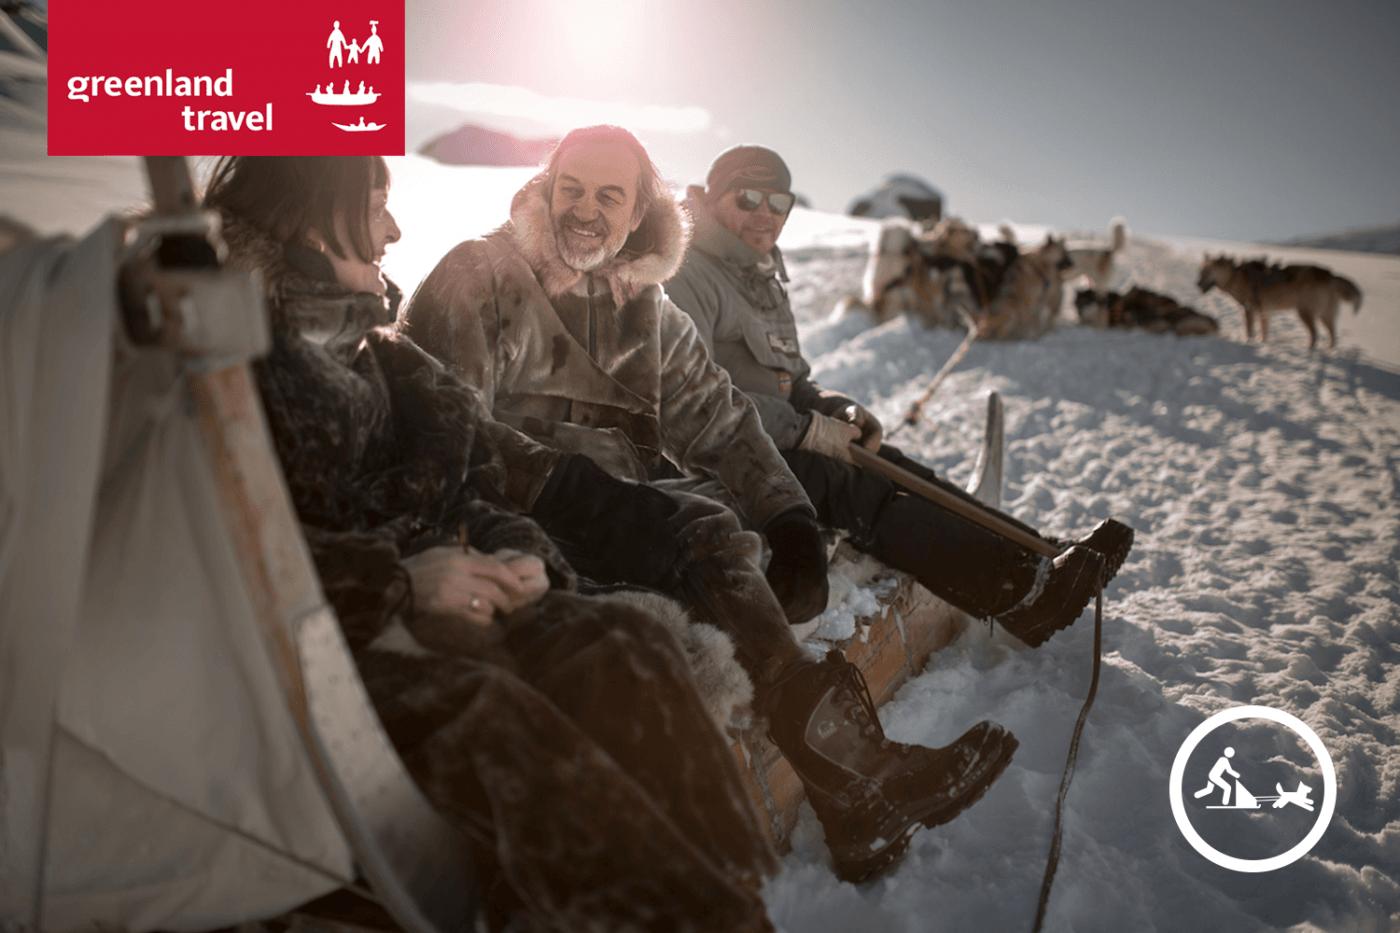 Grønlands Rejsebureau: Miniferie! Vinterdage i smukke omgivelser